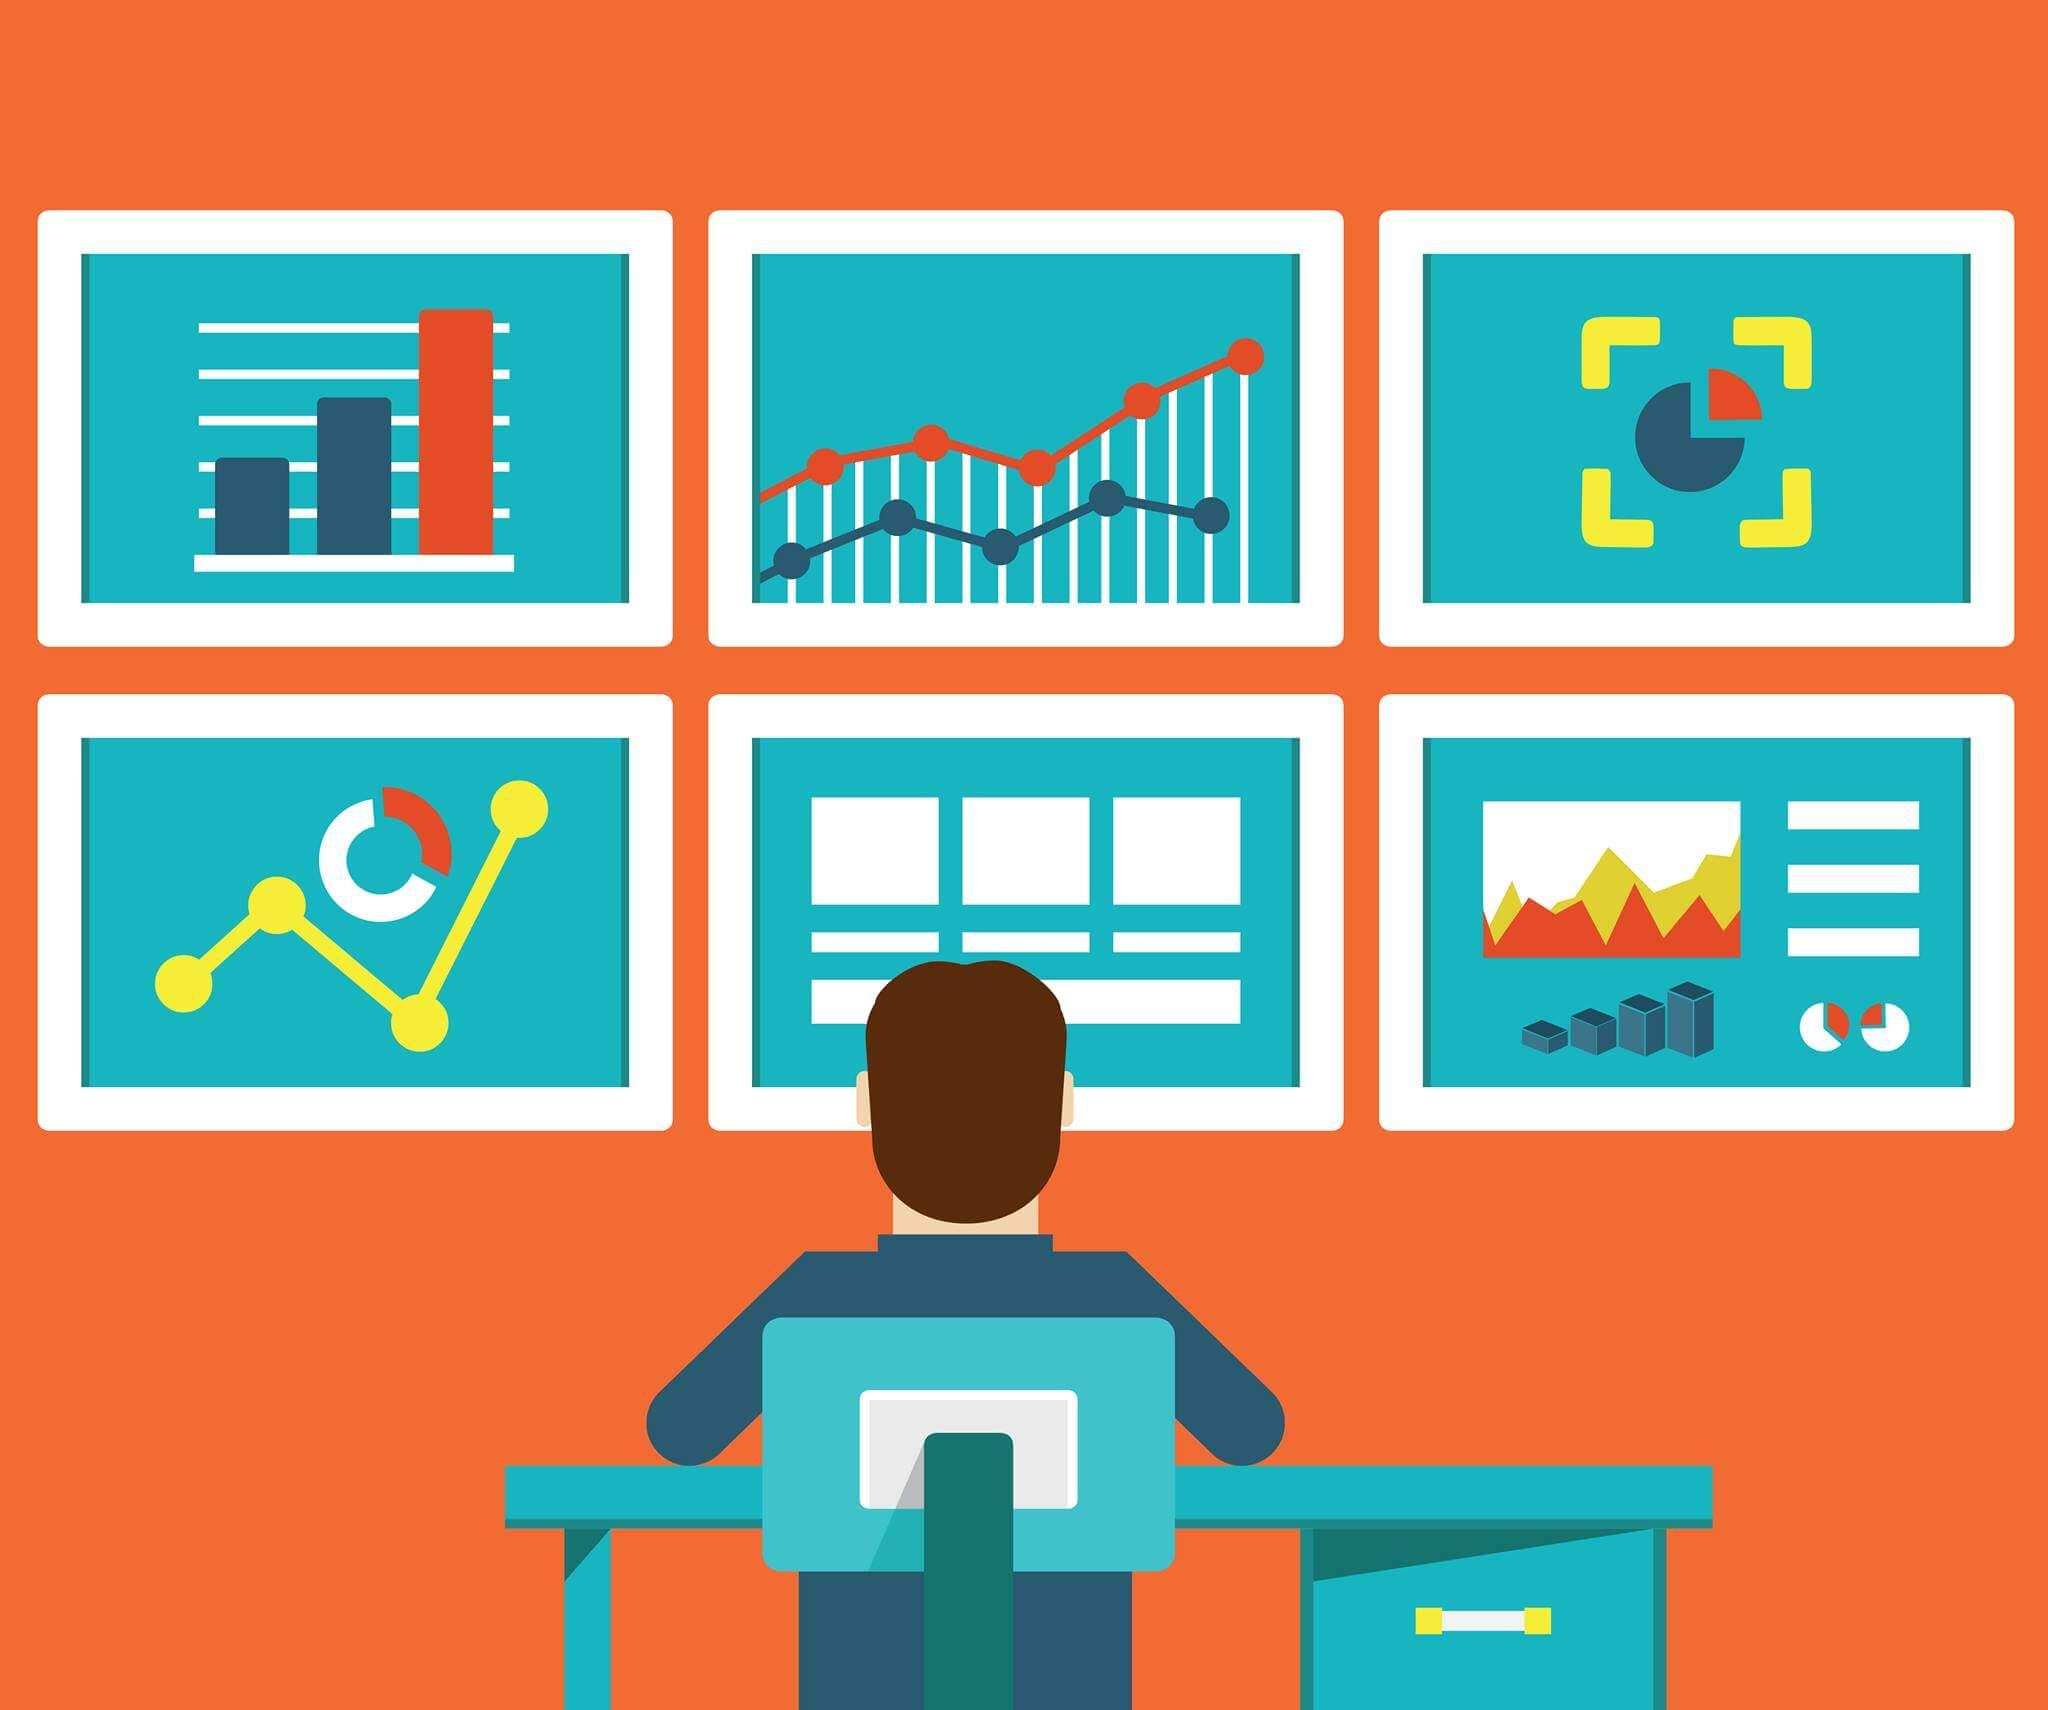 Thiết kế website chuyên nghiệp, lập trình app di động, thiết kế phần mềm quản lý, Outsourcing, Digital Marketing.